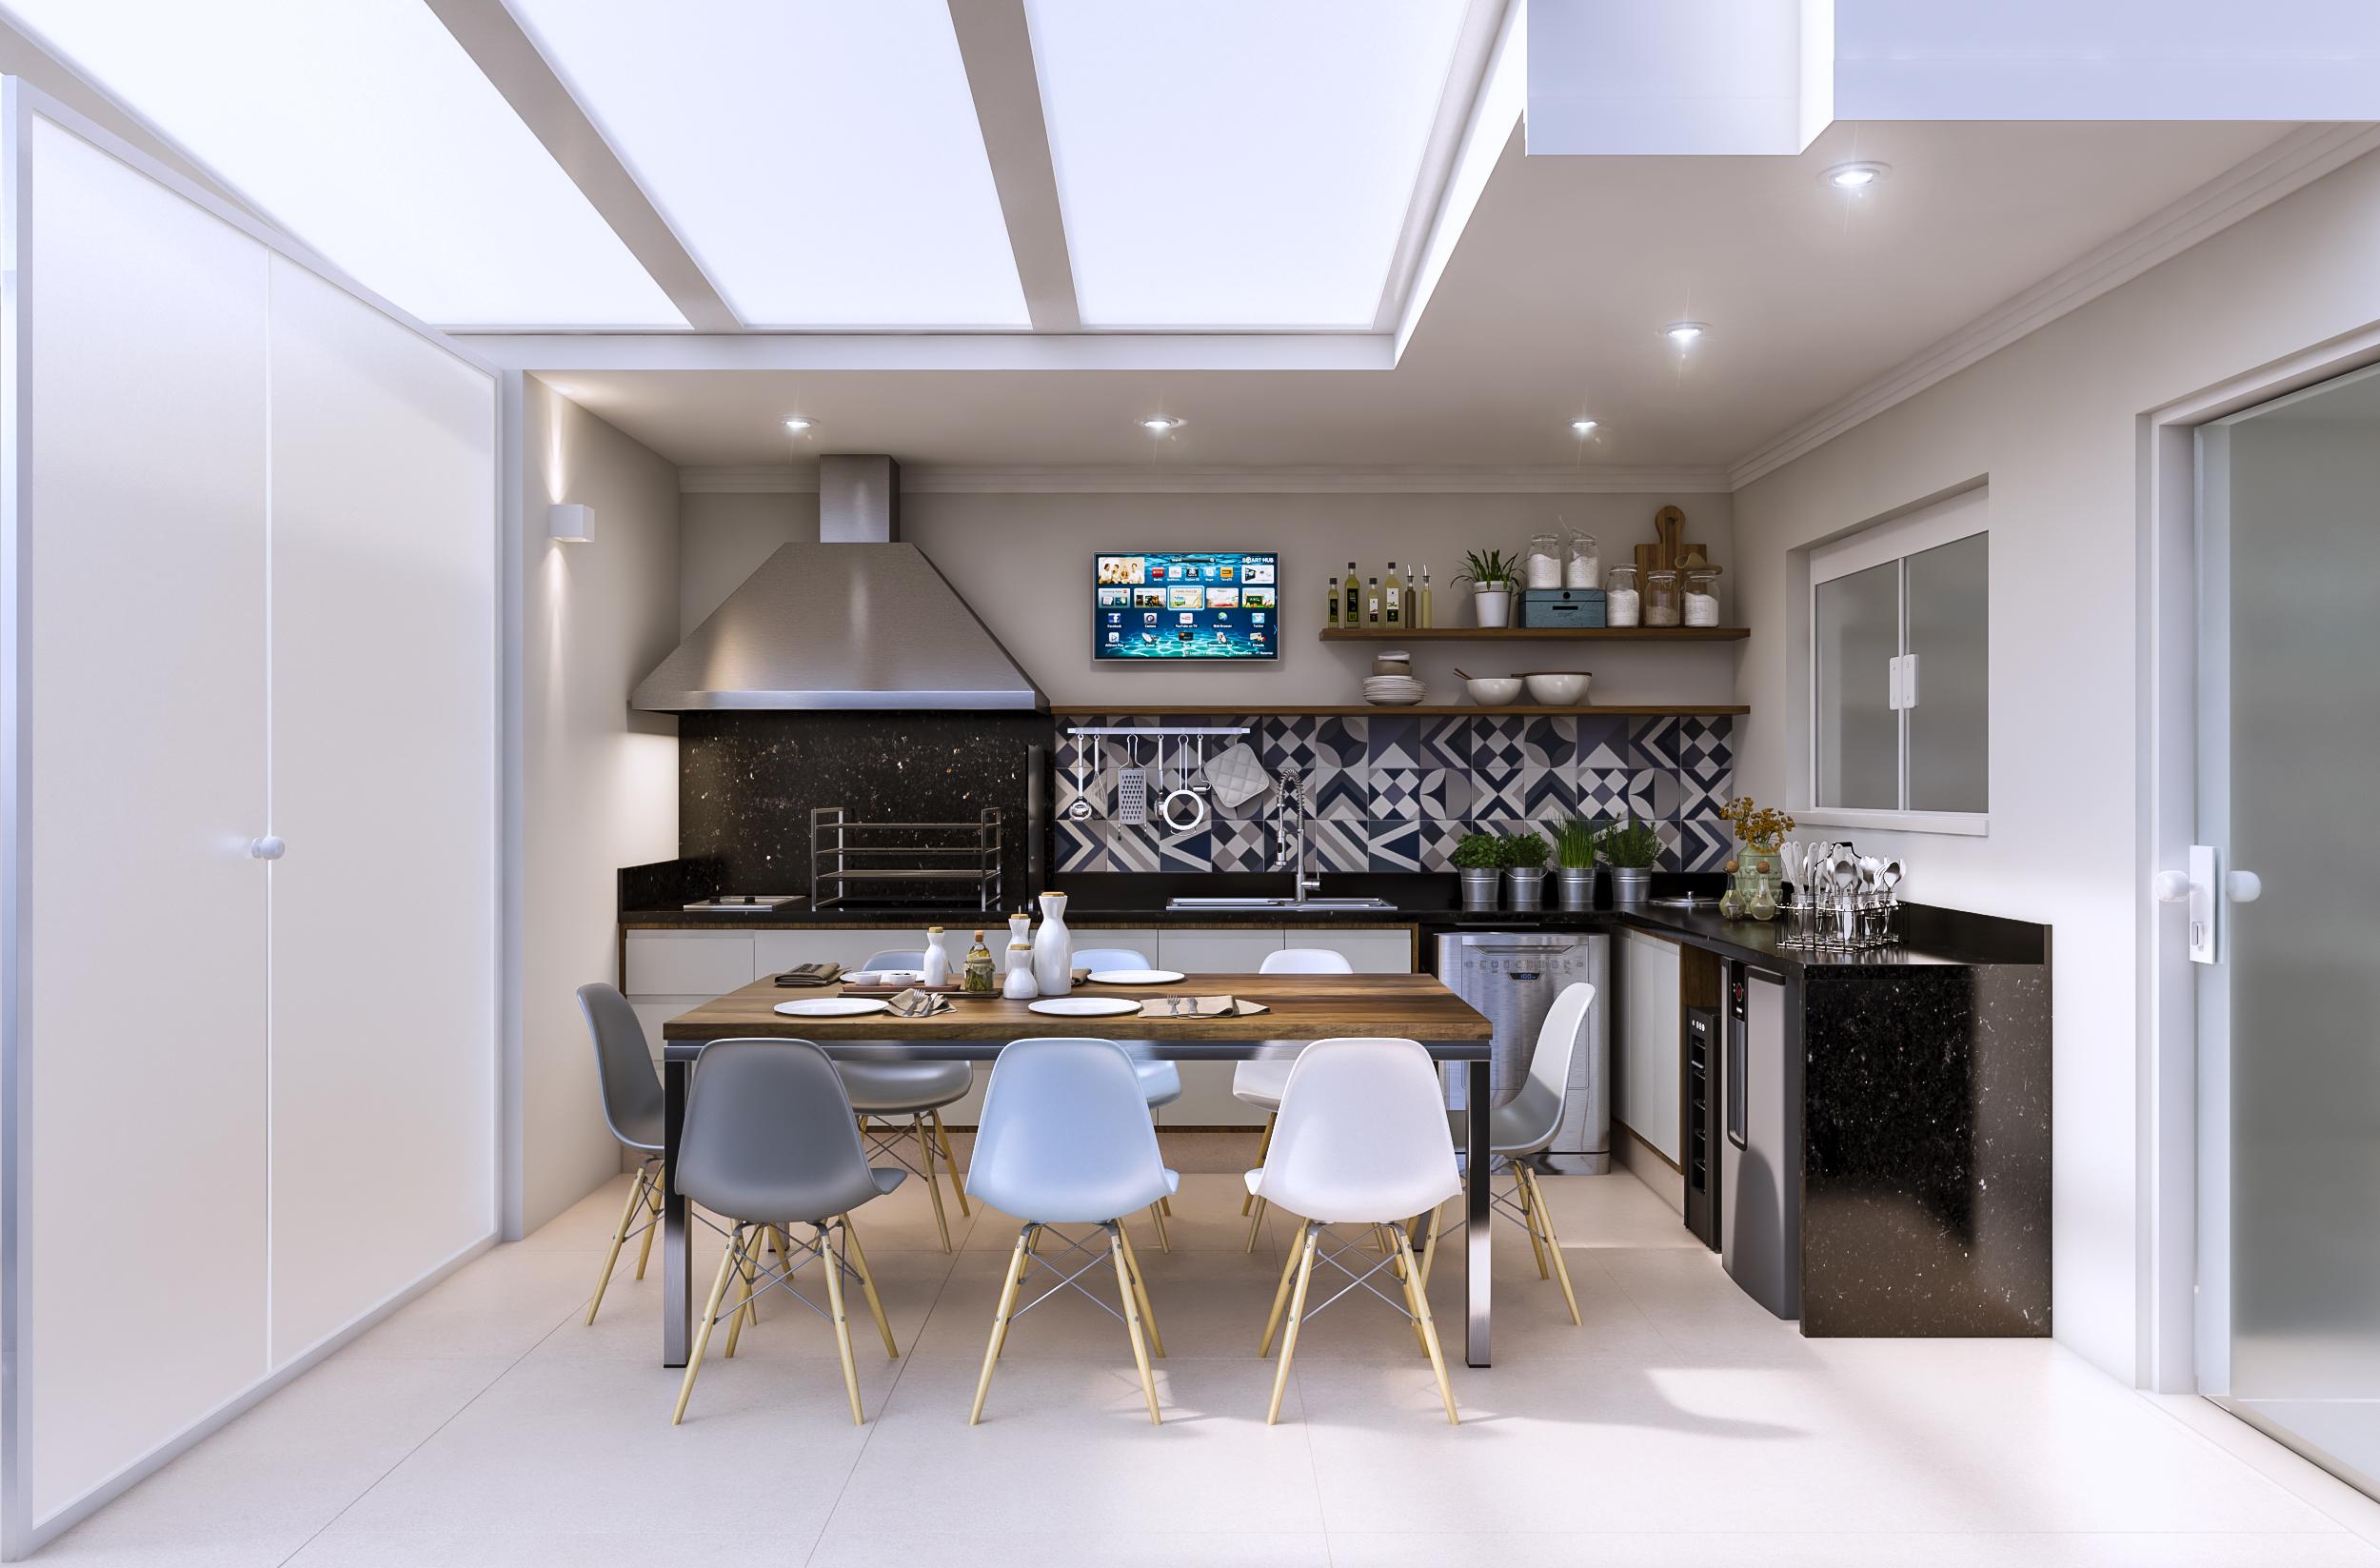 Area Gourmet  Residência Persio de Azevedo - Penha / SP - 140 m2  Projeto: Madi Arquitetura & Design  Imagem: Érica Alfieri